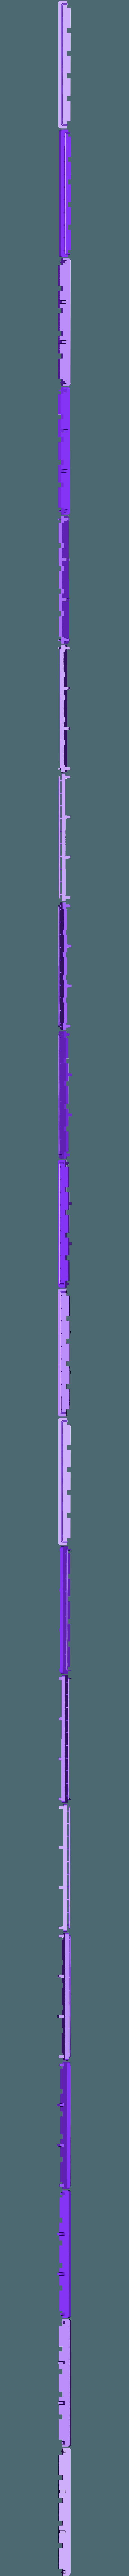 Balcony.stl Télécharger fichier STL gratuit Planète Express 3030 • Objet à imprimer en 3D, Piggie